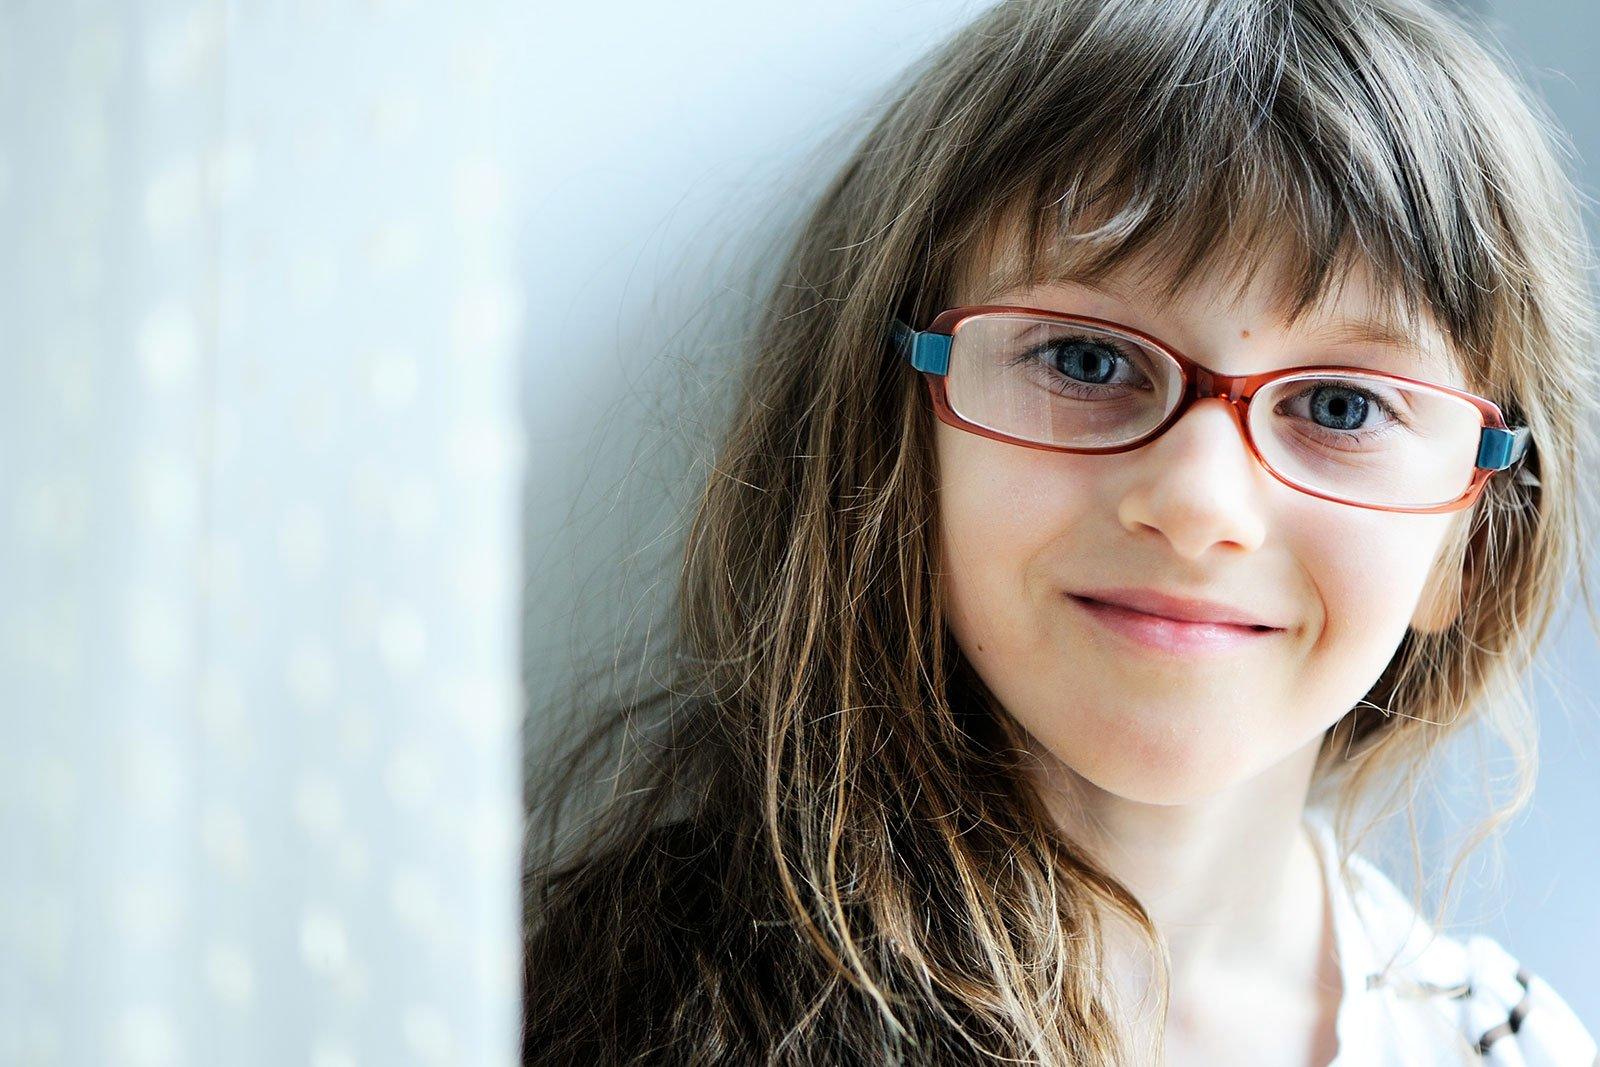 una bambina con degli occhiali da vista rossi